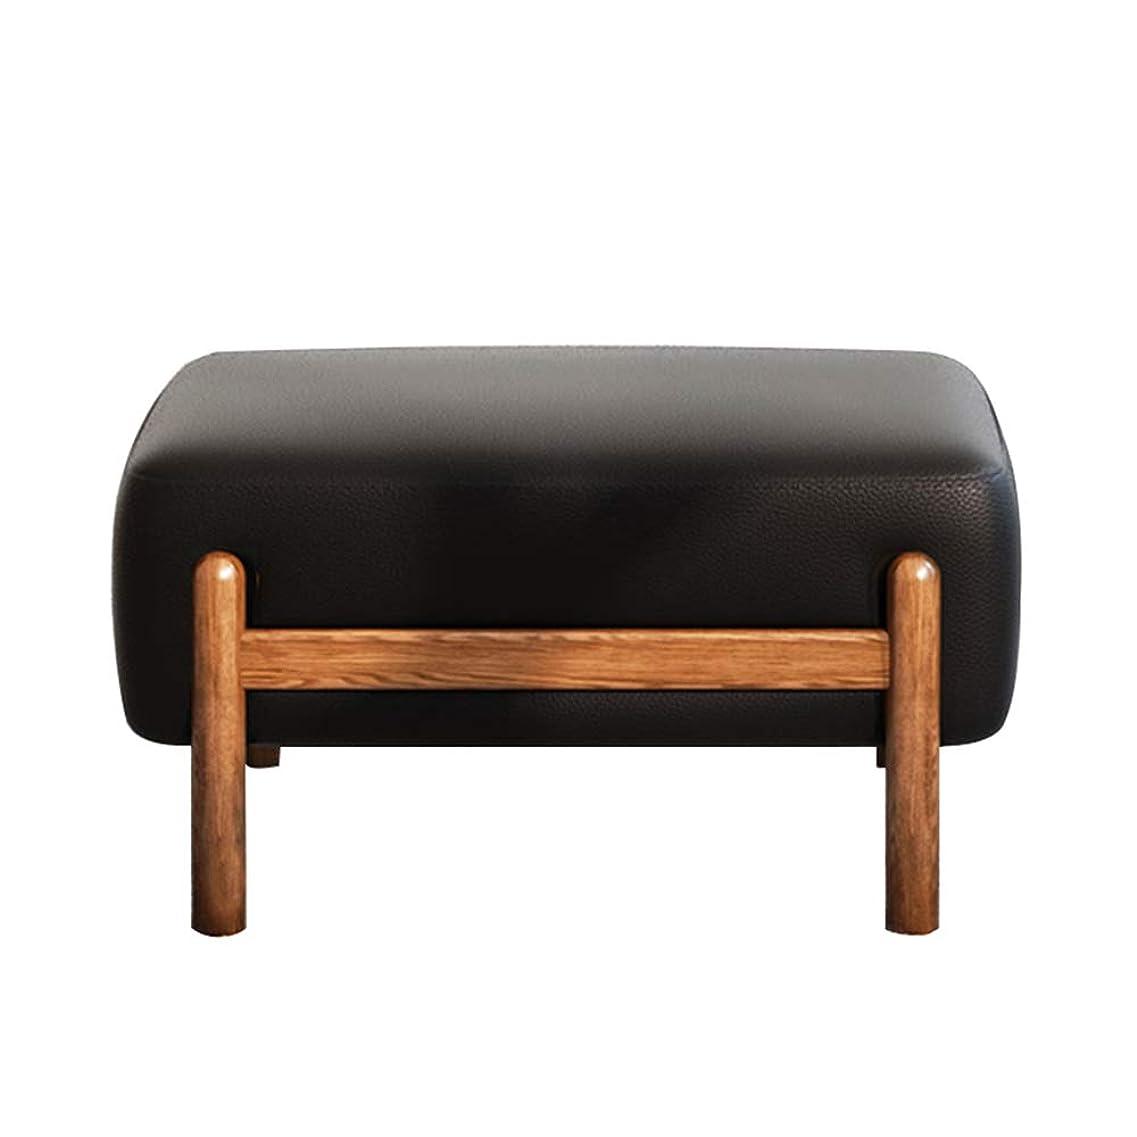 パケットクリーム正確なHong Tai Yang ソファのスツール - シンプルなクリエイティブな木製のスツール、快適な革のソファのベンチ */ (色 : A)